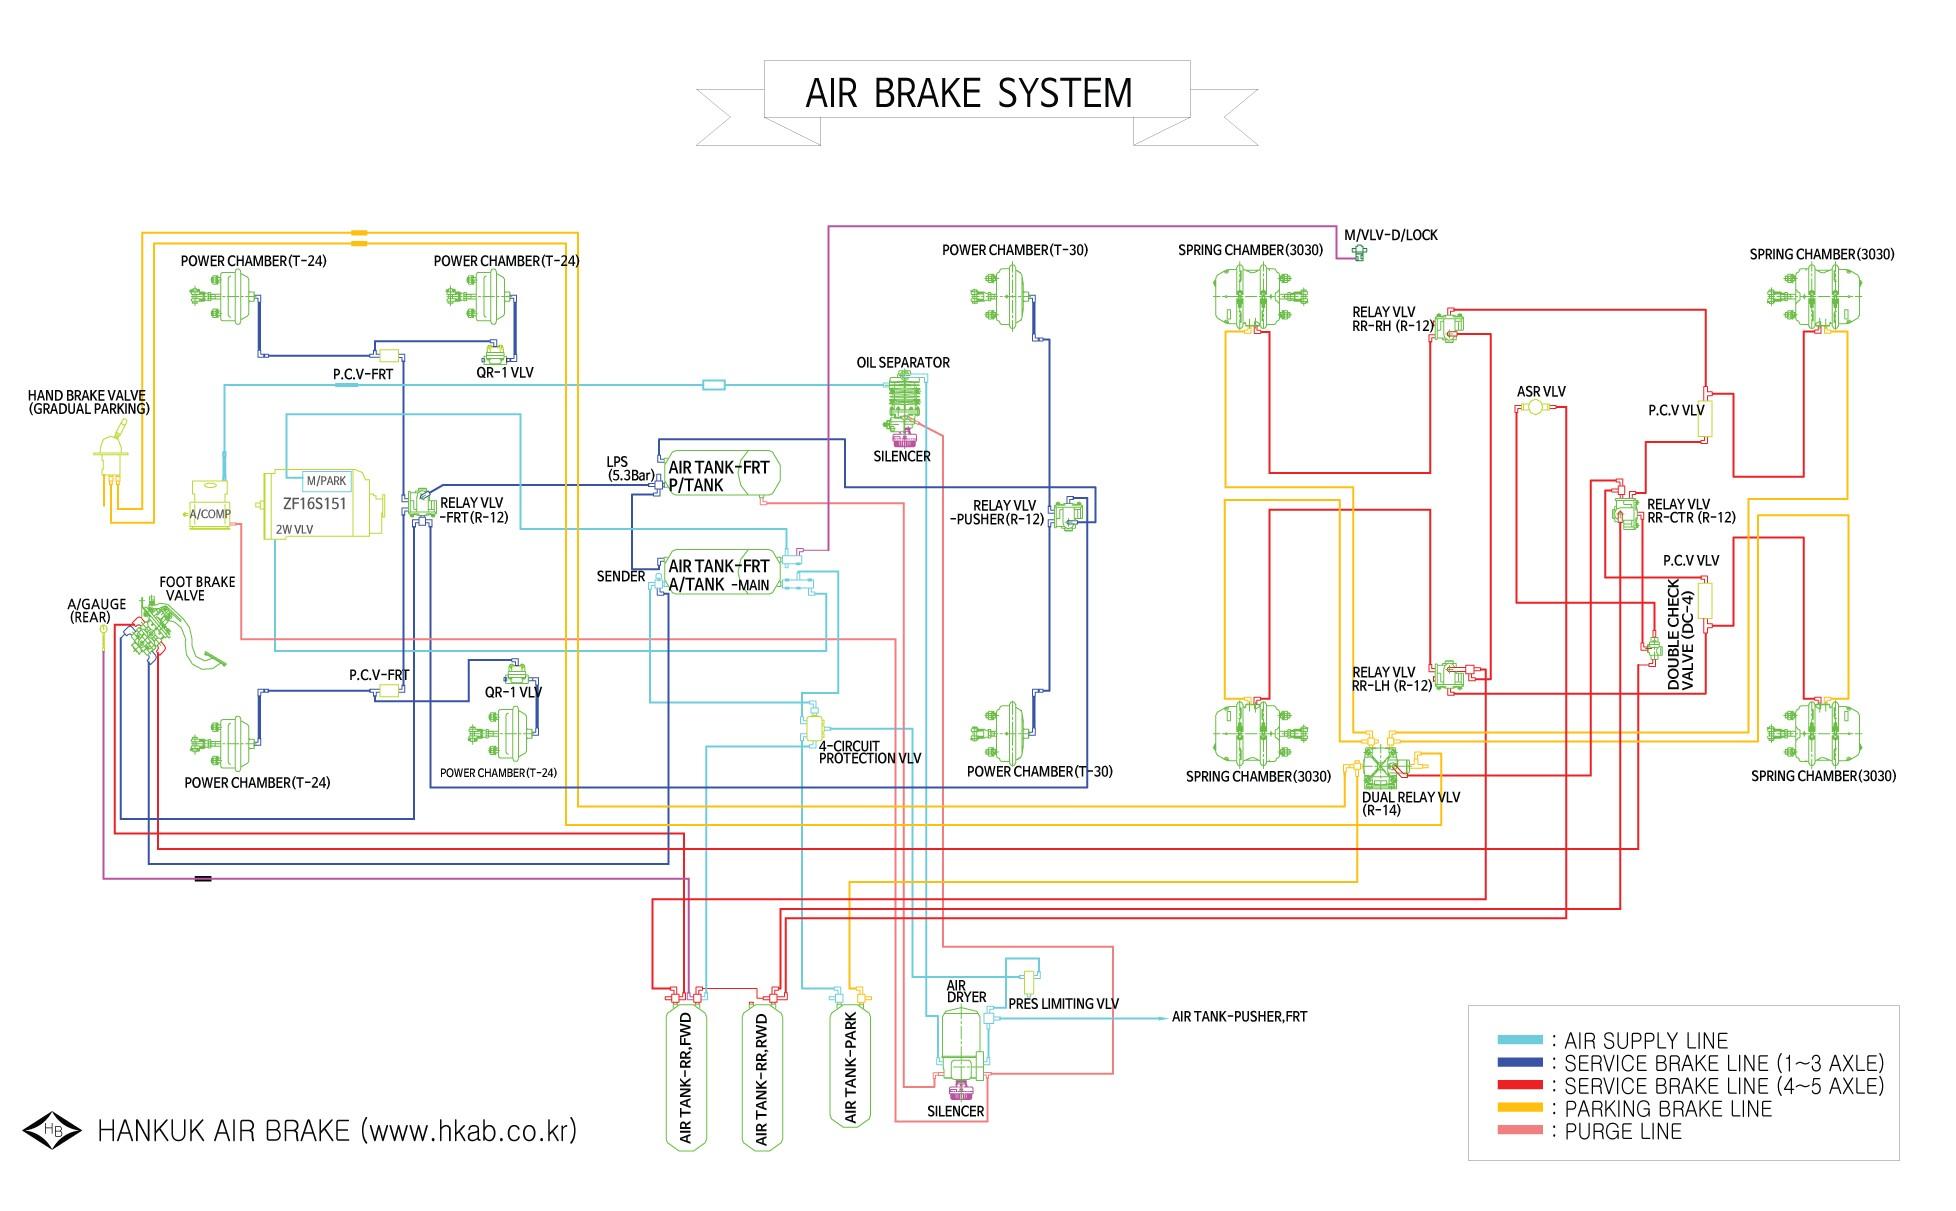 Air Brake Foot Valve Diagram Air Brake Foot Valve Diagram Best Brake 2017 Of Air Brake Foot Valve Diagram